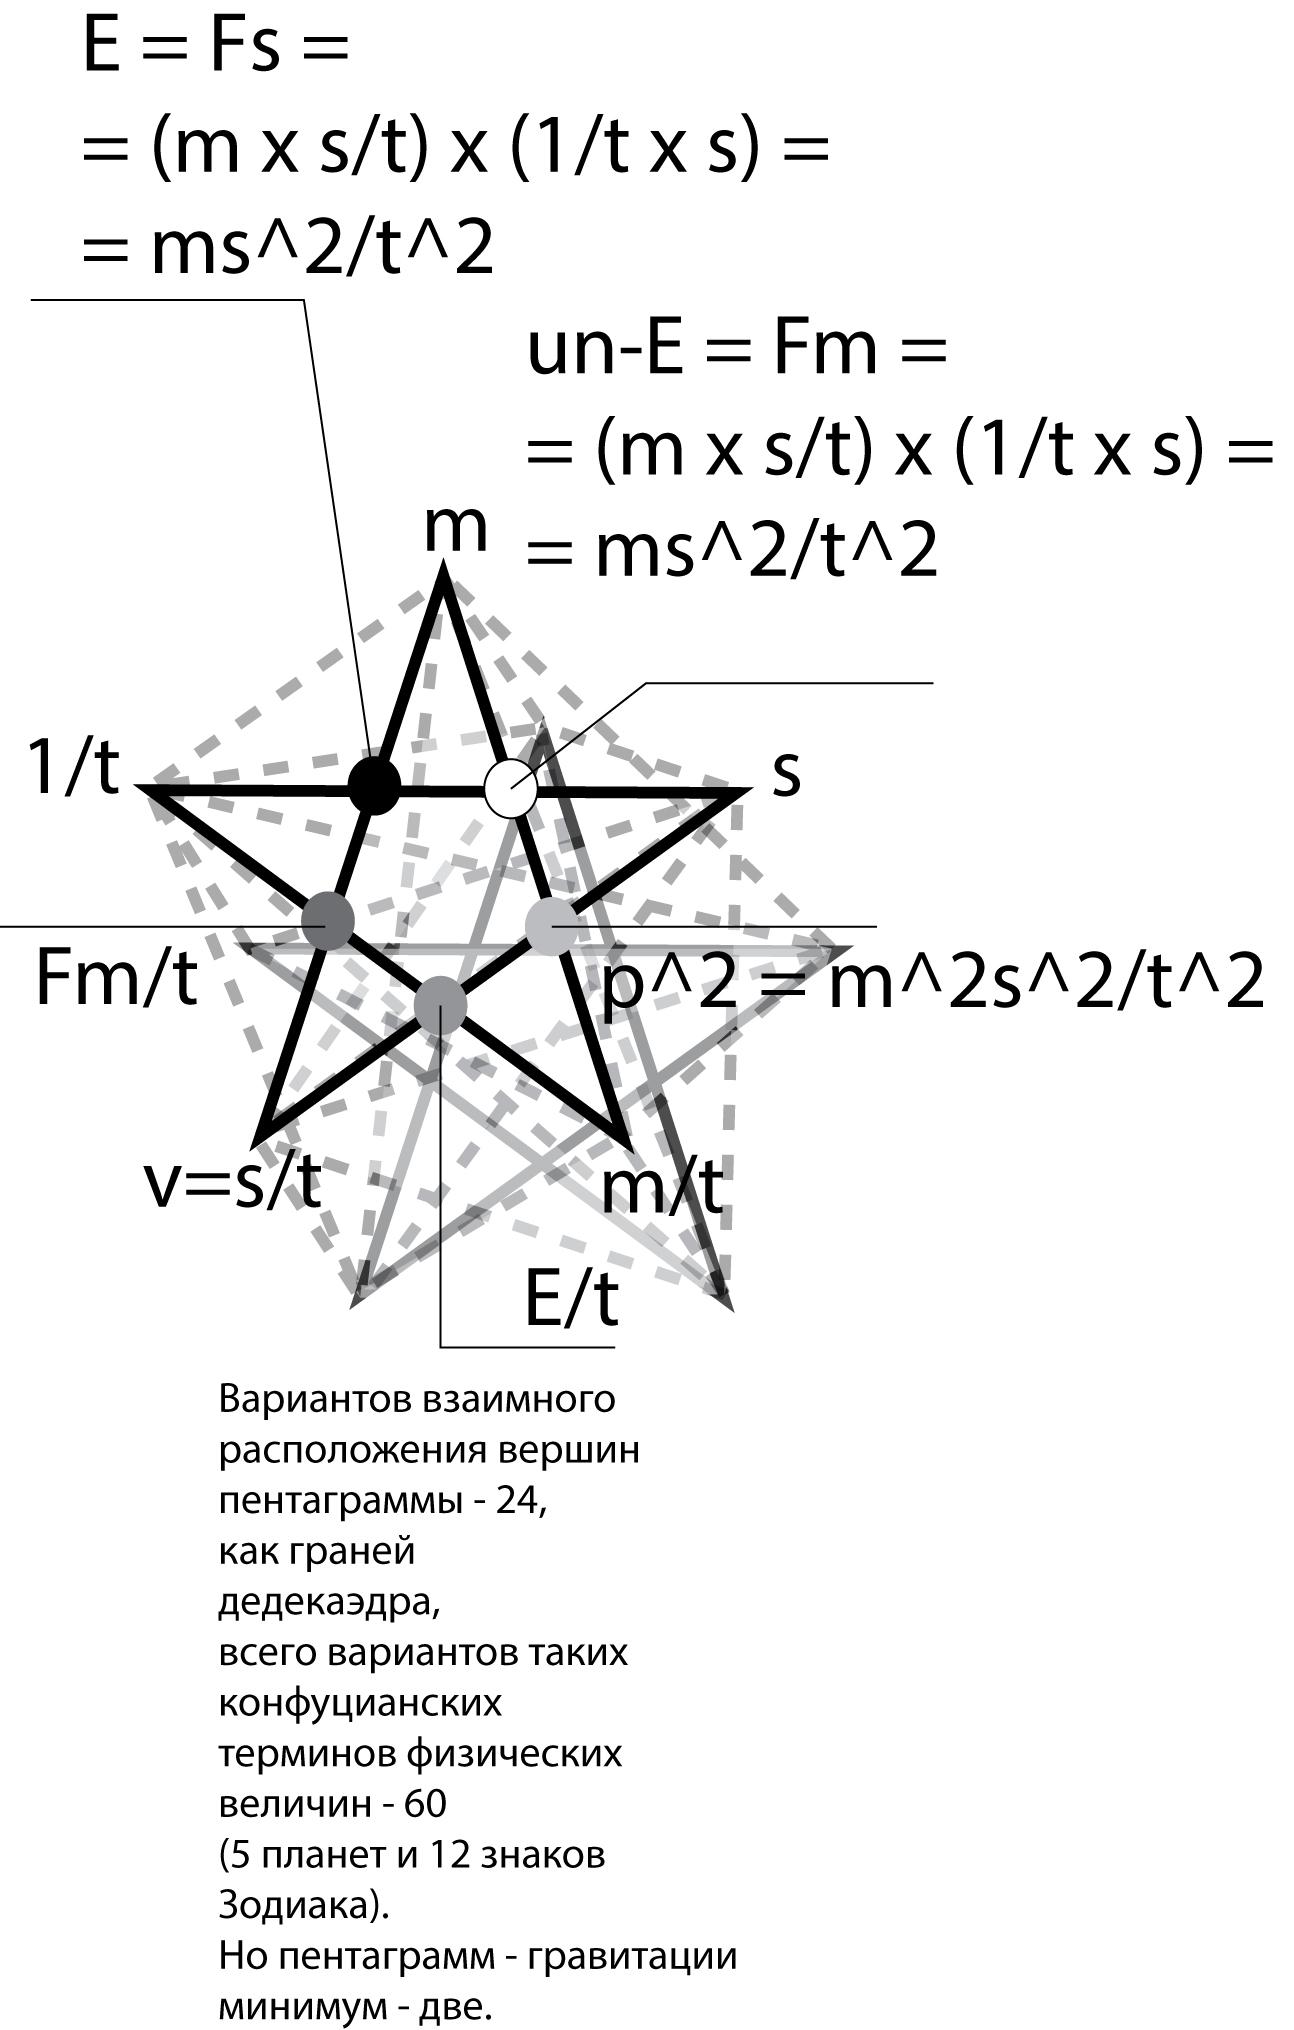 Рисунок 8. Две пентаграммы Конфуция - как графическая модель гравитации.